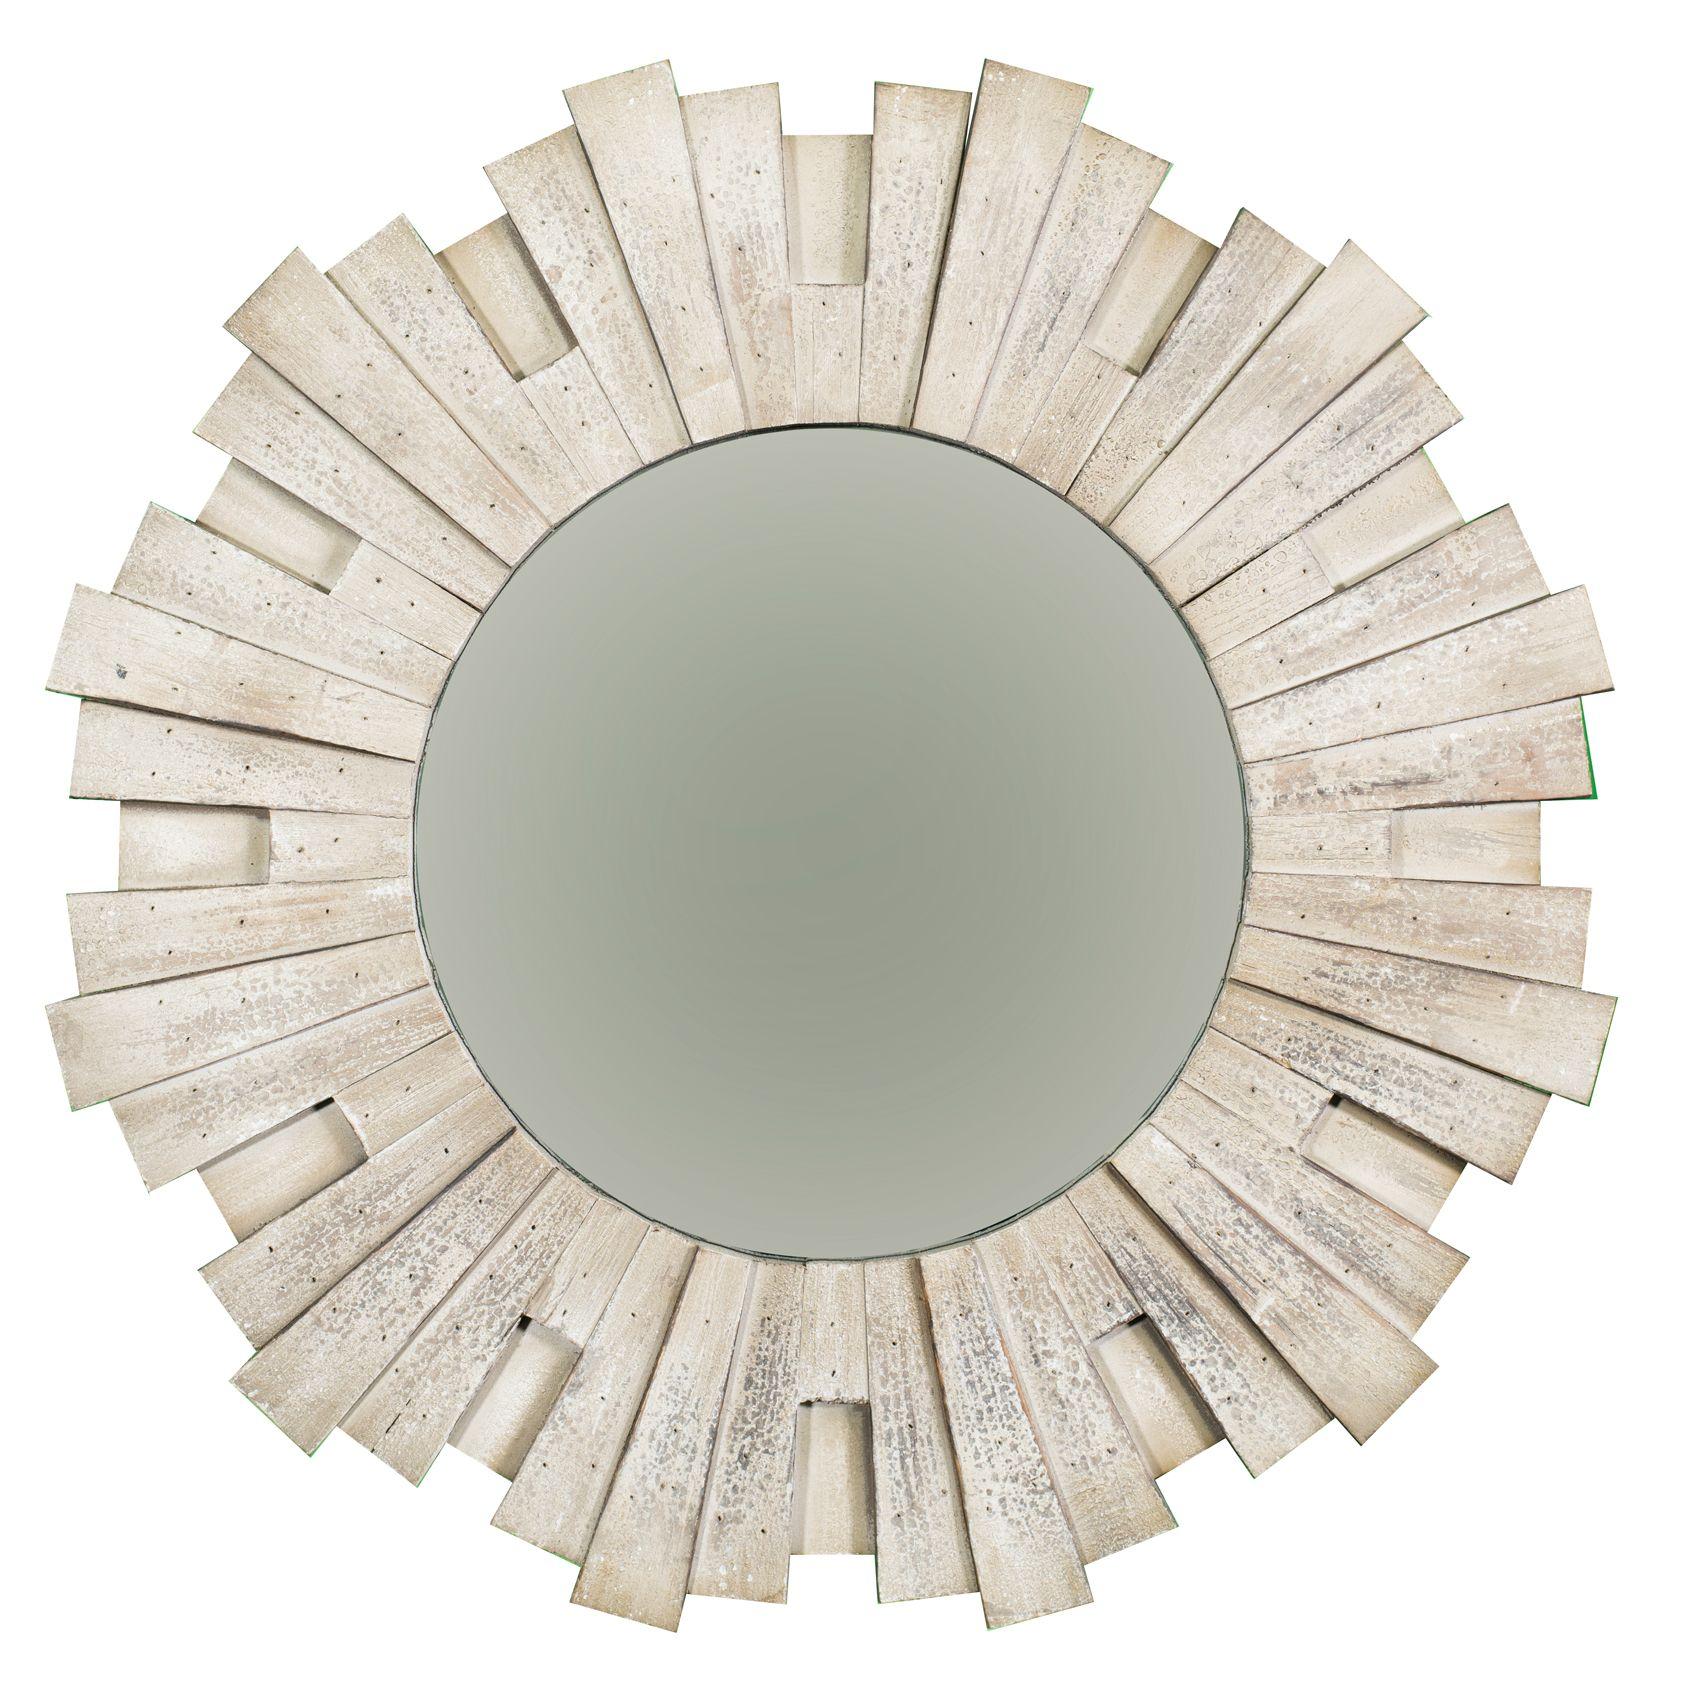 This Round Aztec Style 3D Starburst Design Wall Mirror Will